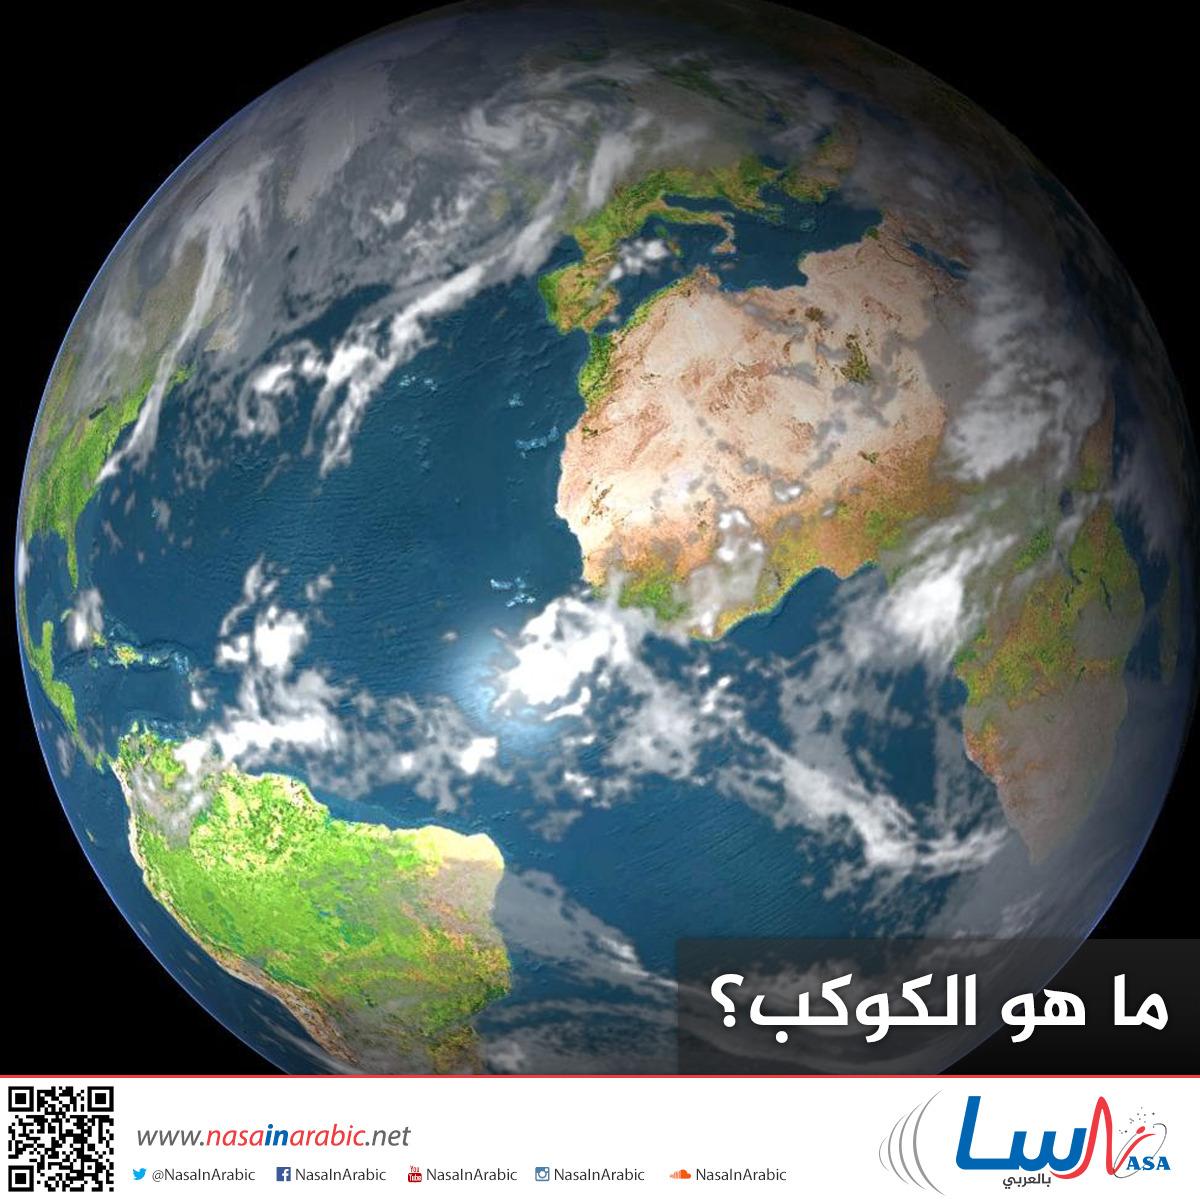 ما هو الكوكب؟